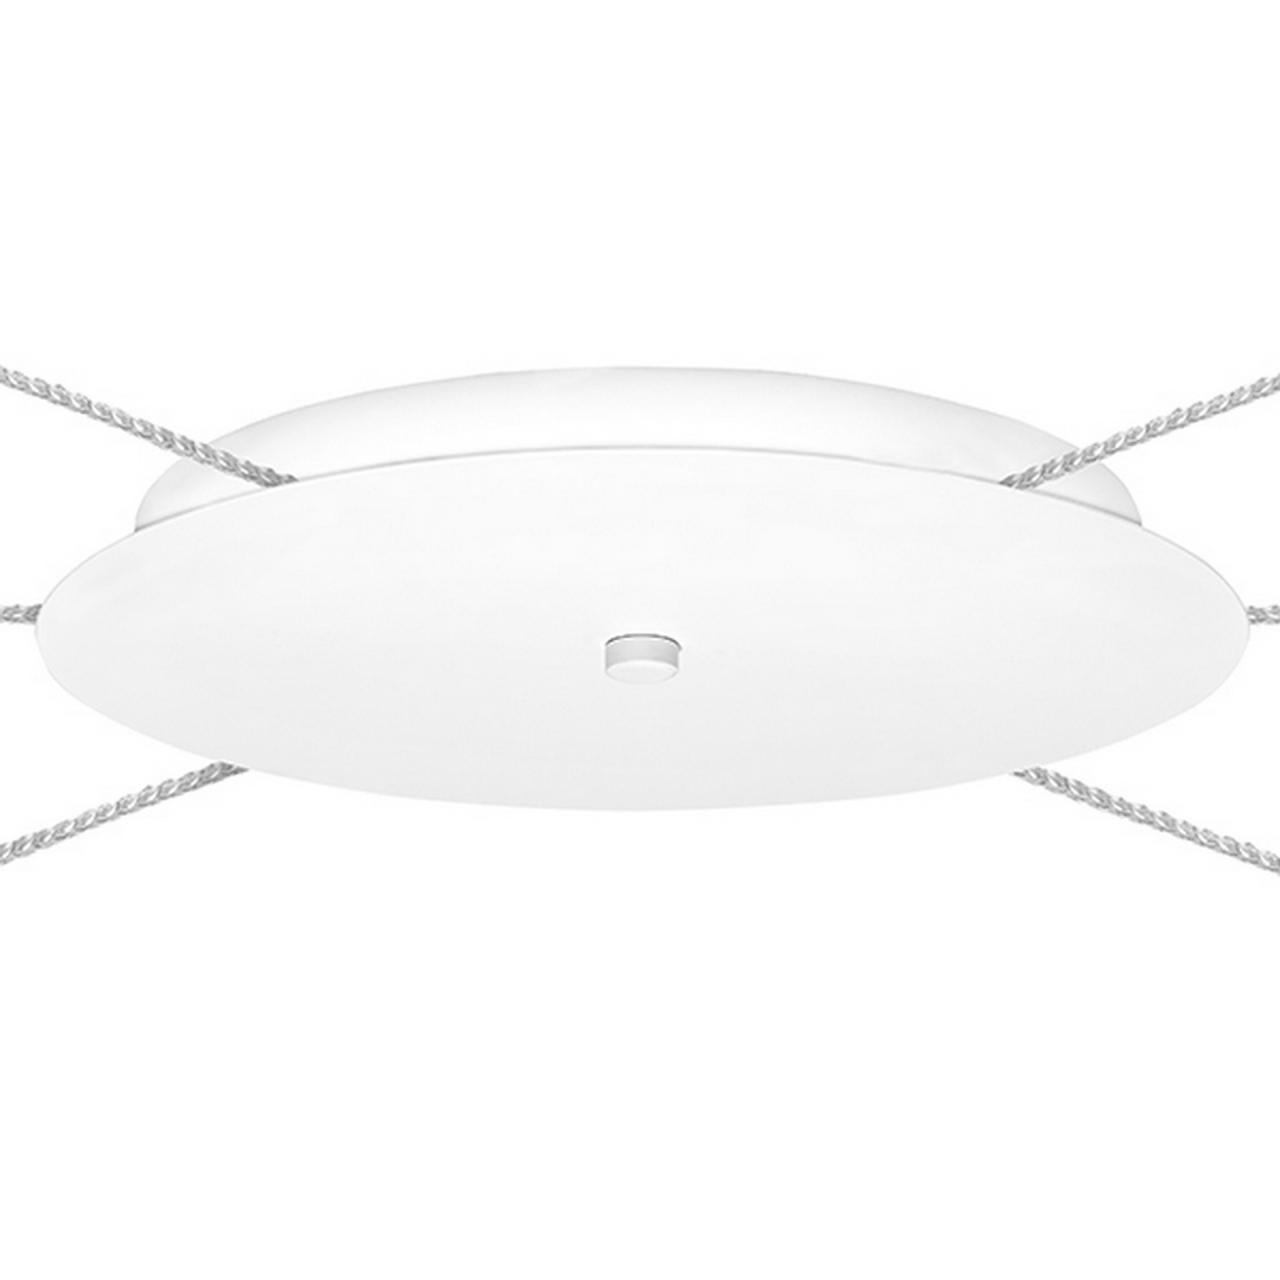 Подвесная люстра CONE LightStar 757066 цвет - белый матовый